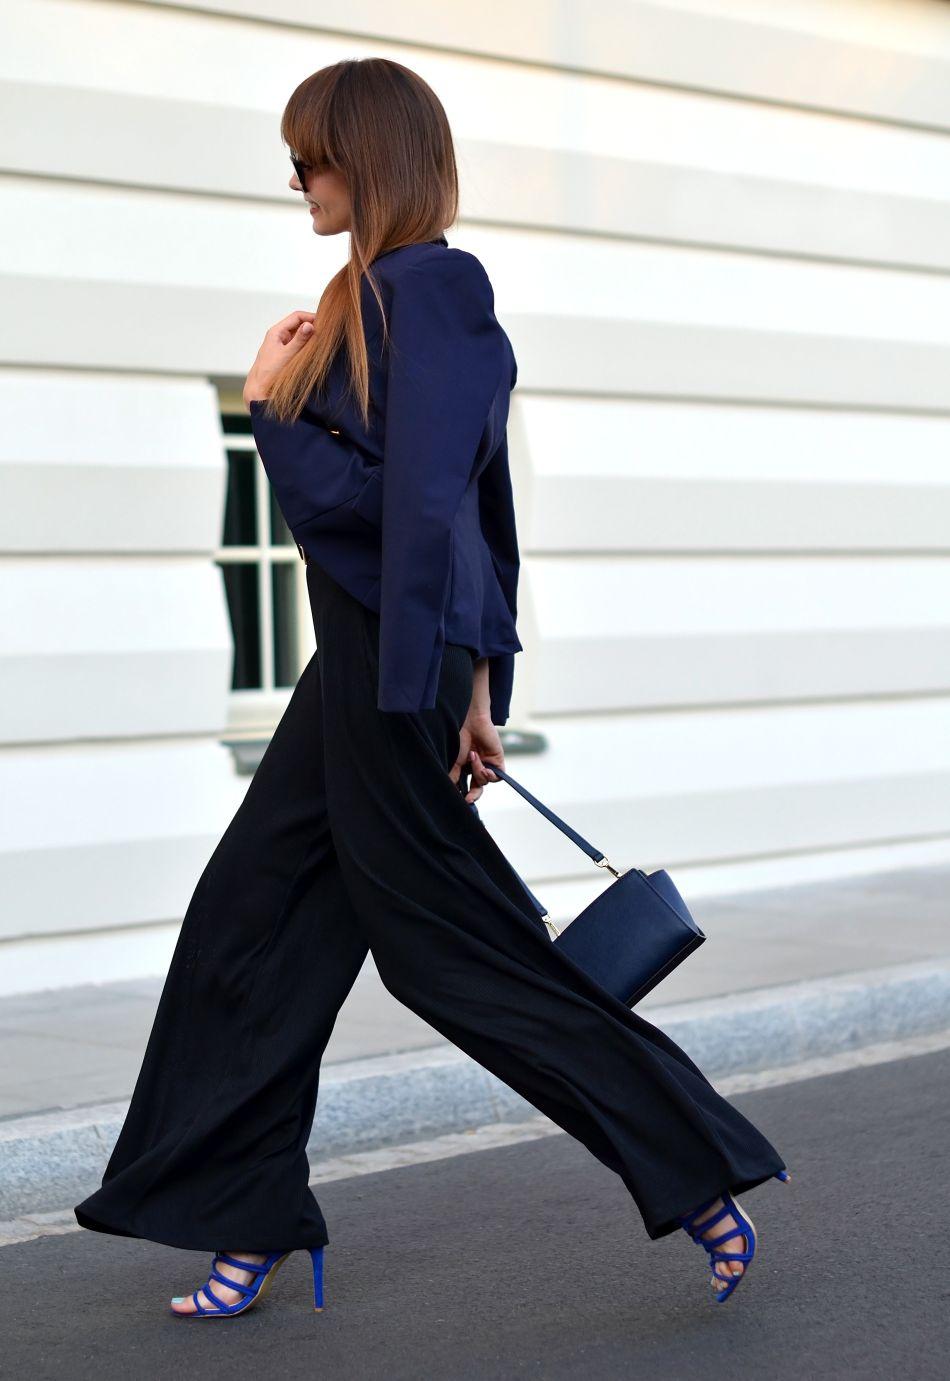 kamila mraz | kamila leciak | cammy | blog o modzie | moda | uroda | blog modowy | krakow blogi